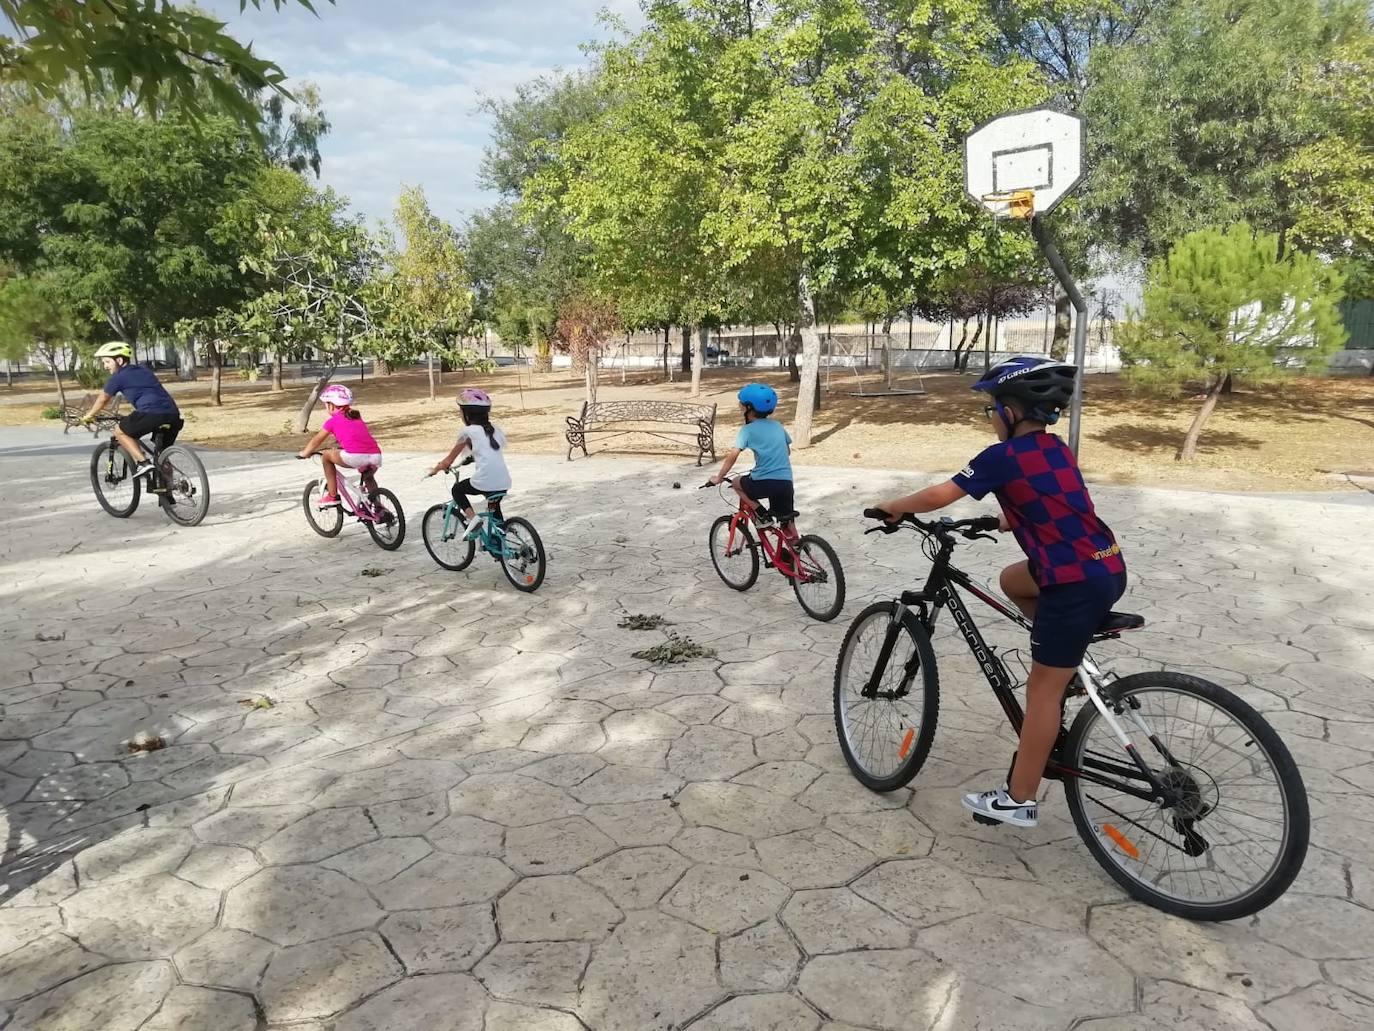 Casar de Cáceres realiza actividades para fomentar el uso de la bicicleta o el hábito de caminar